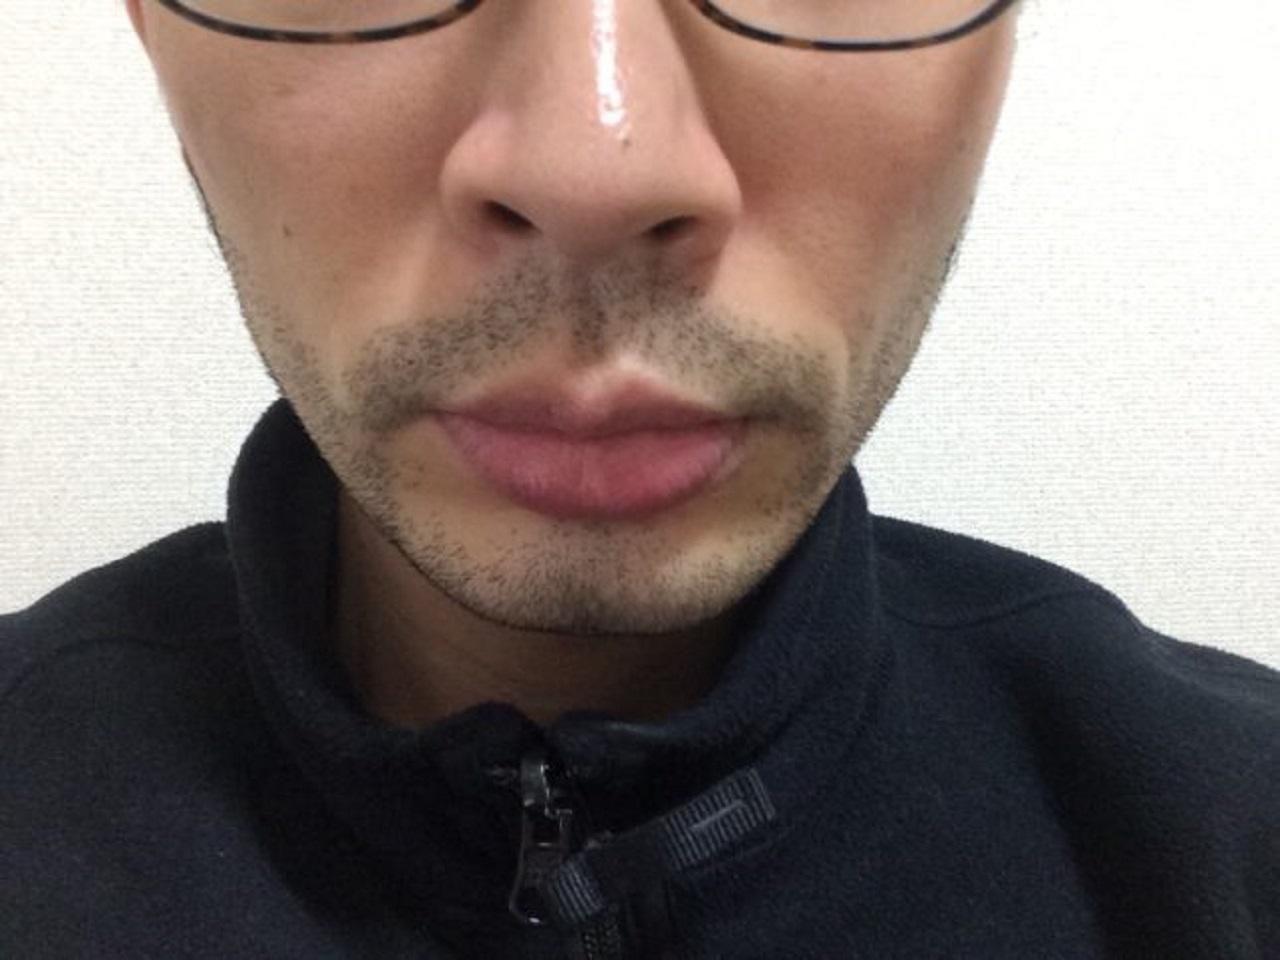 ひげ脱毛3回目の効果